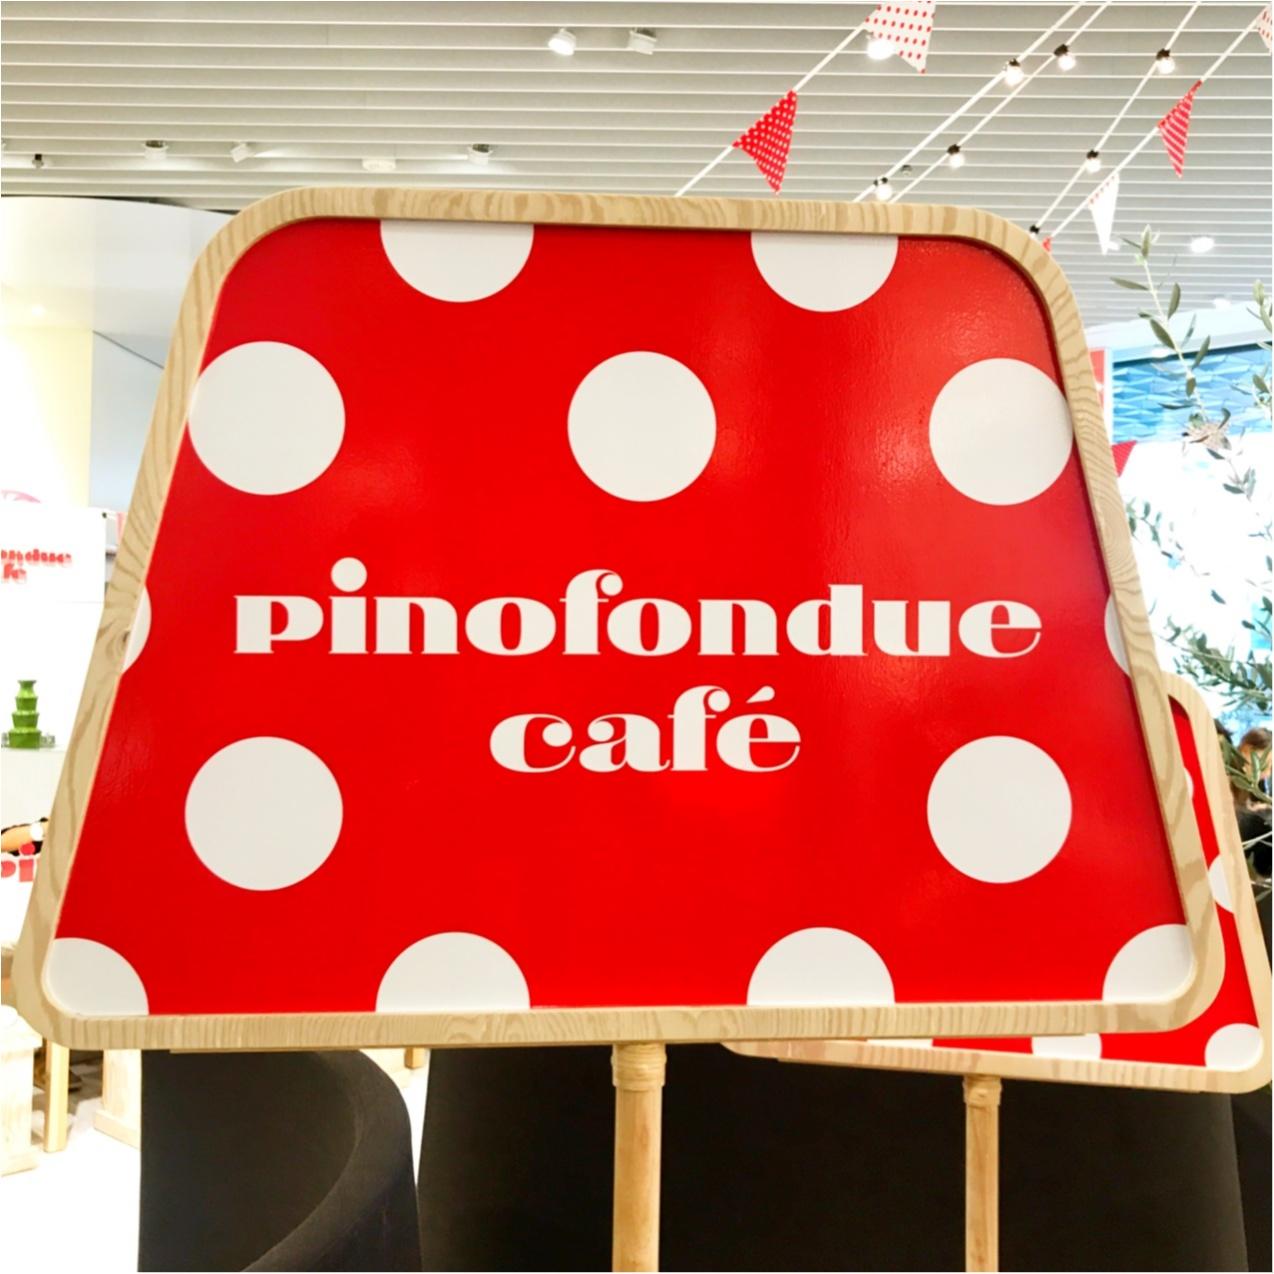 今年も登場♡《ピノフォンデュカフェ》で #pinogenic なデコレーション体験!_1